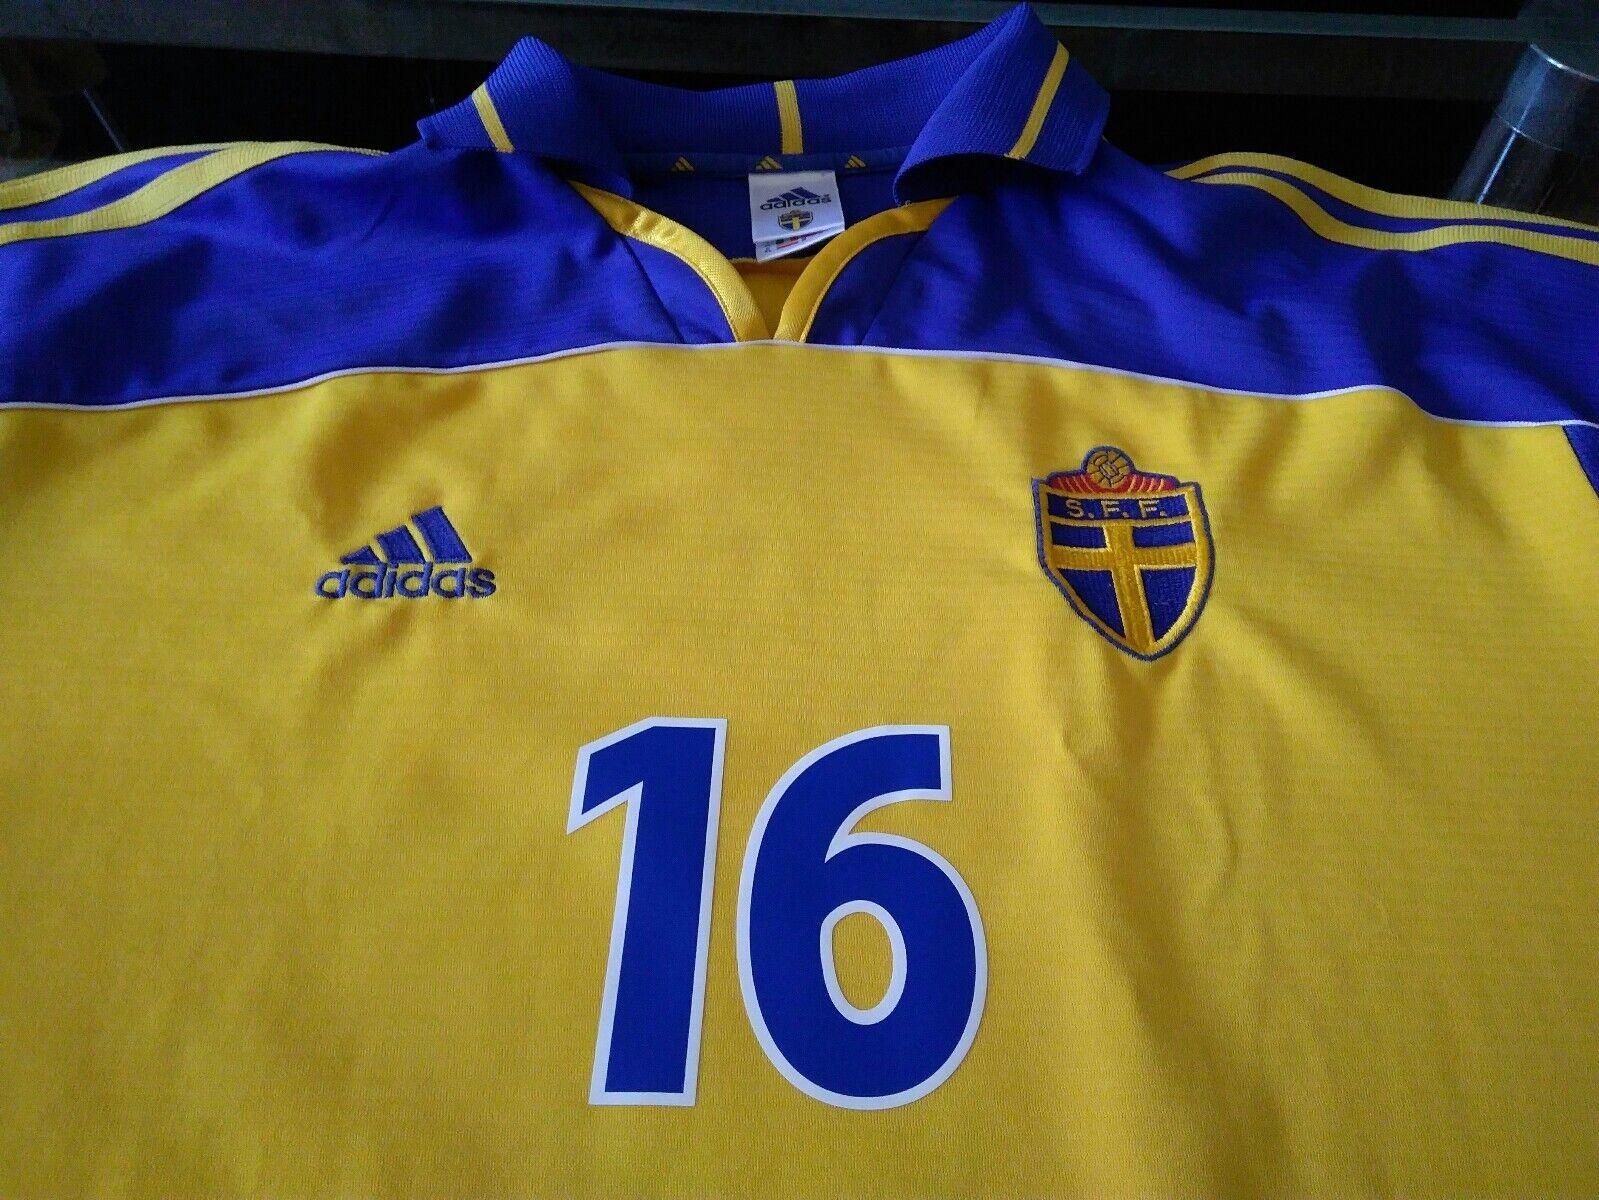 Maglia Svezia Ibrahimovic Sweden 2001 shirt trikot maillot issue Sverige